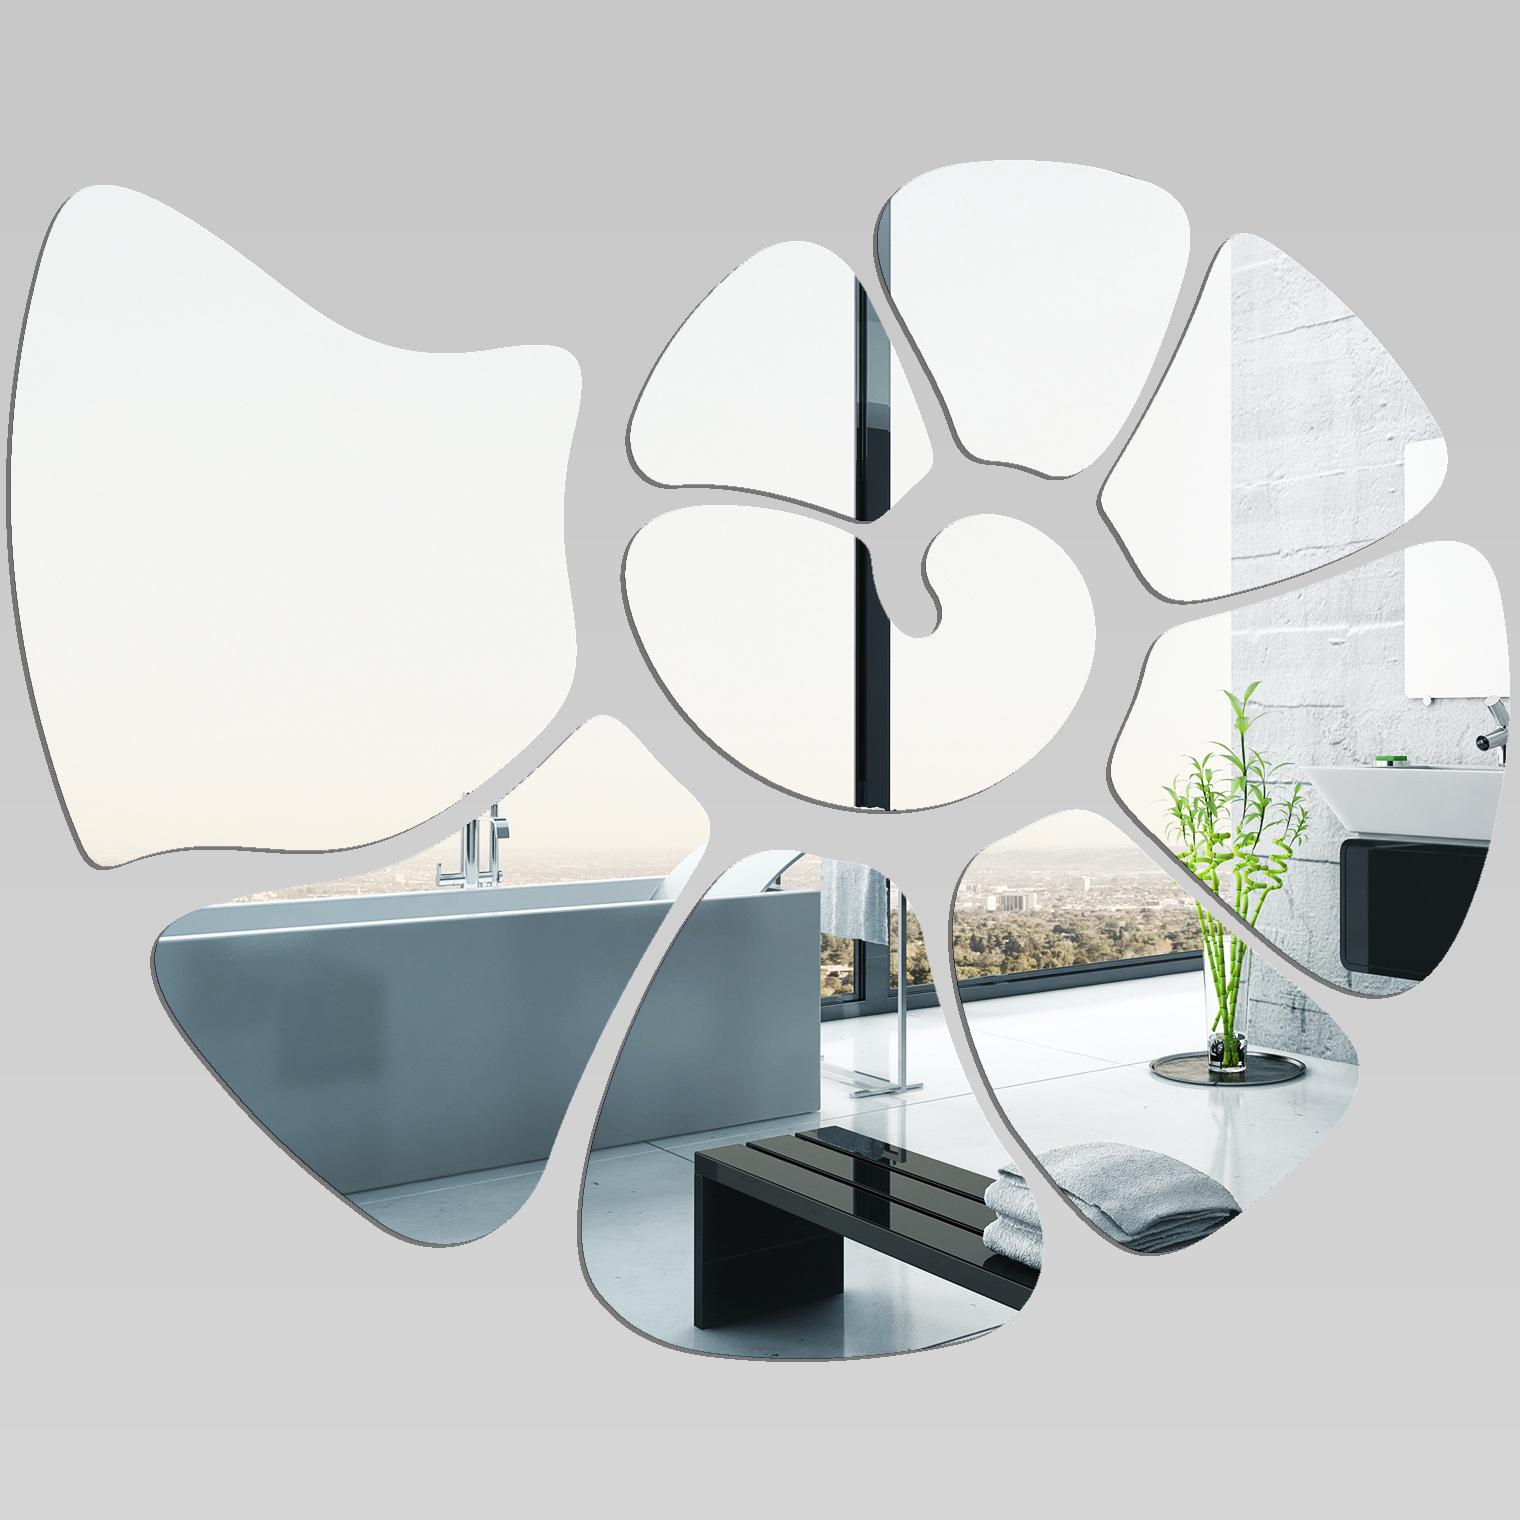 Miroir plexiglass acrylique escargot pas cher for Miroir acrylique